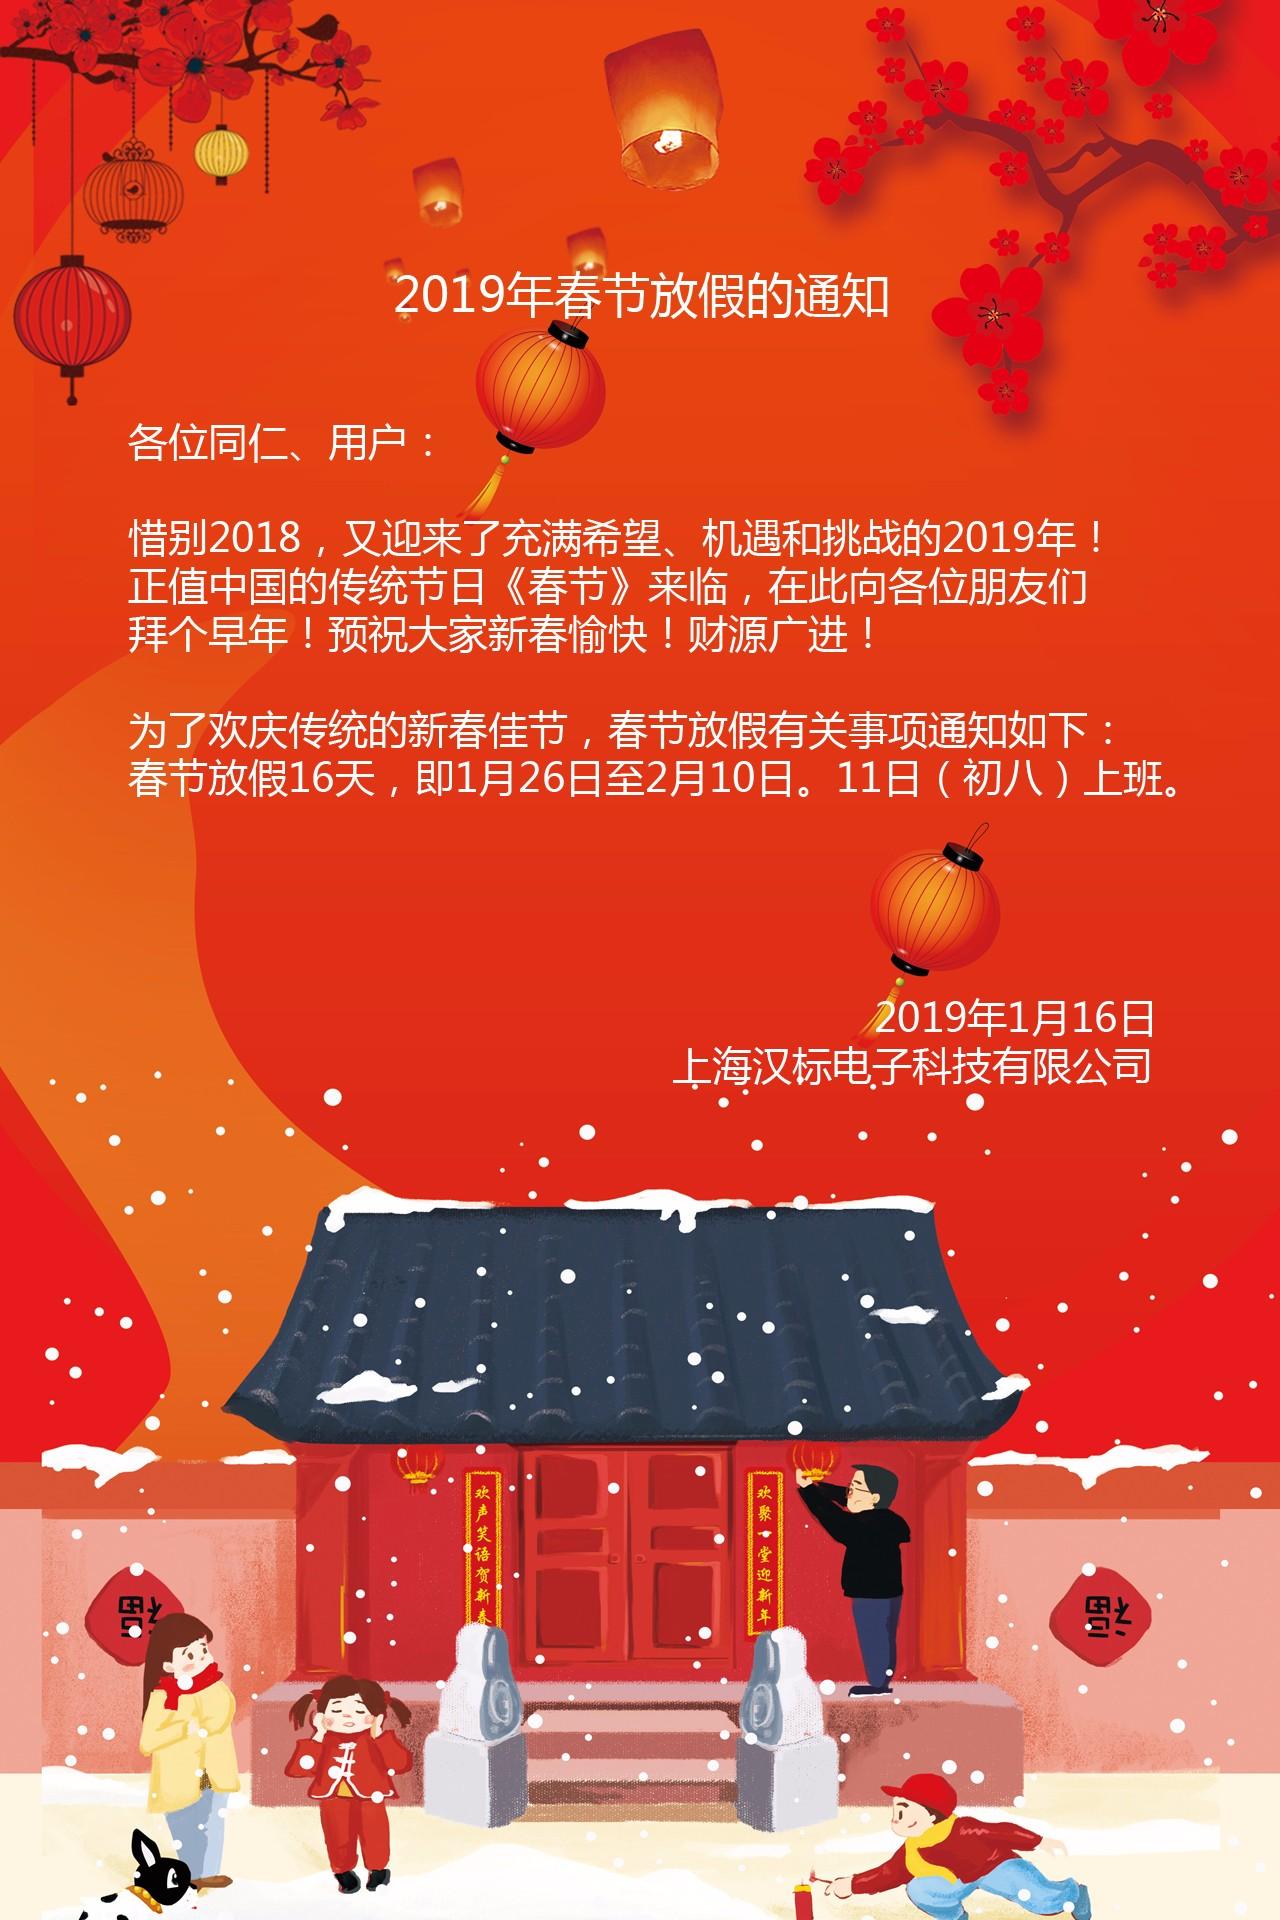 上海汉标-春节放假通知.jpg